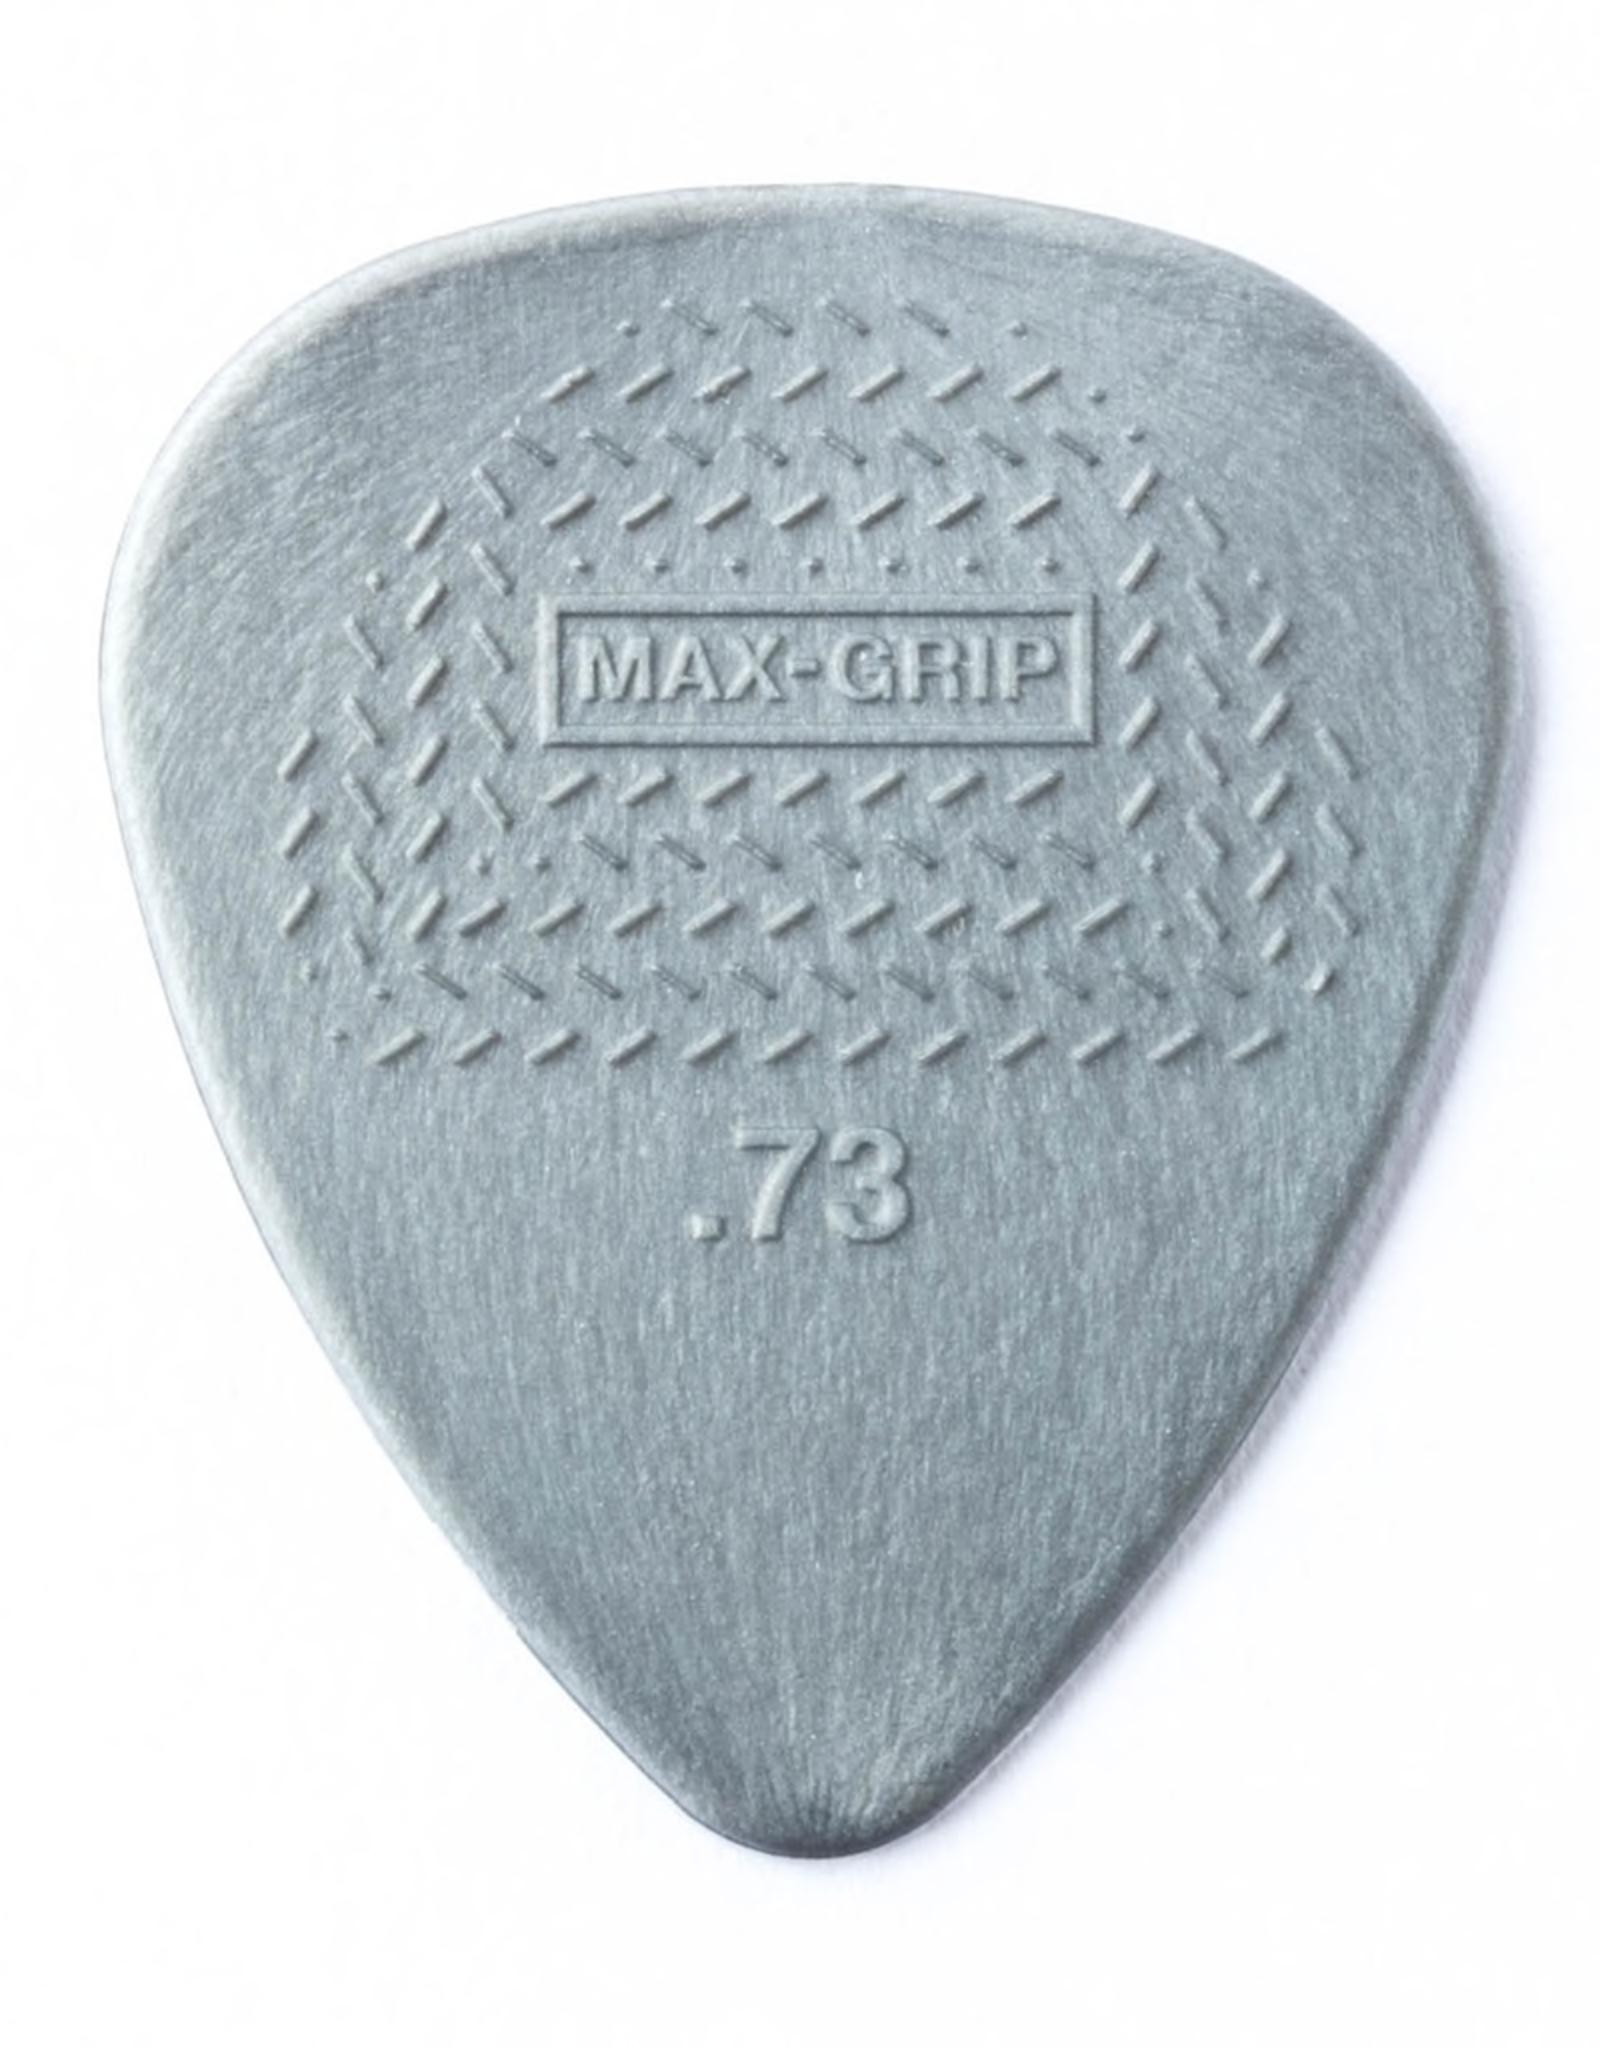 Dunlop Dunlop Max Grip Standard .73mm 12pk Gray